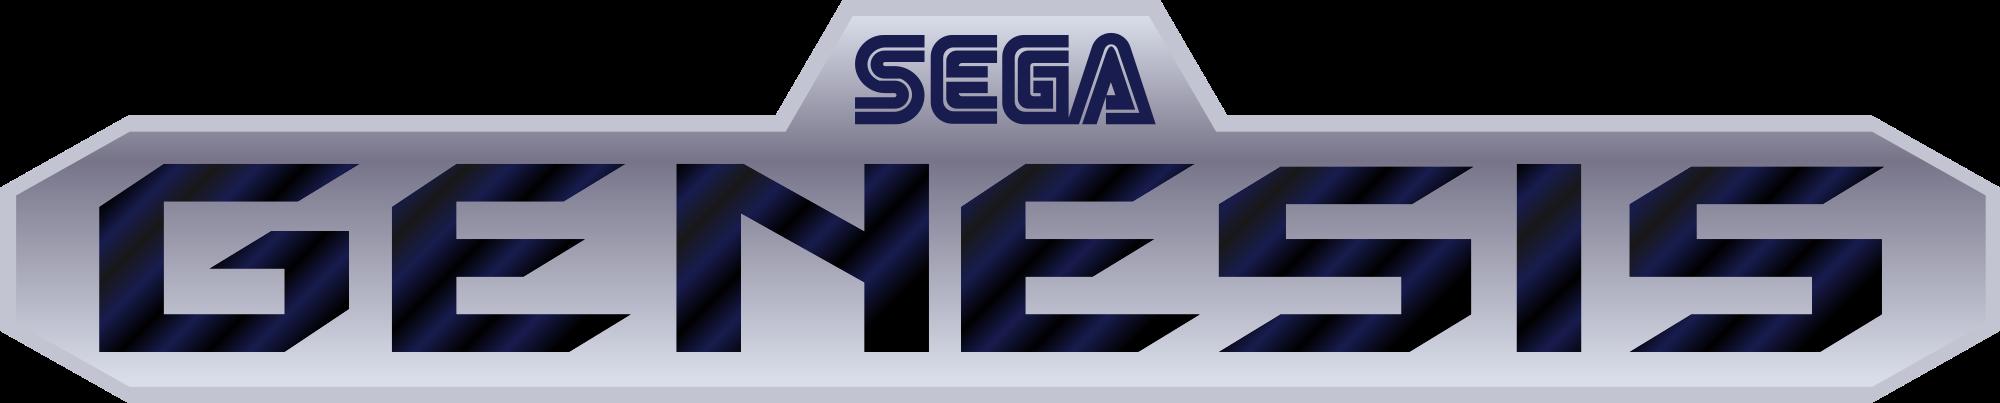 Image - Sega genesis (1989-1993).png | Logopedia | FANDOM ...